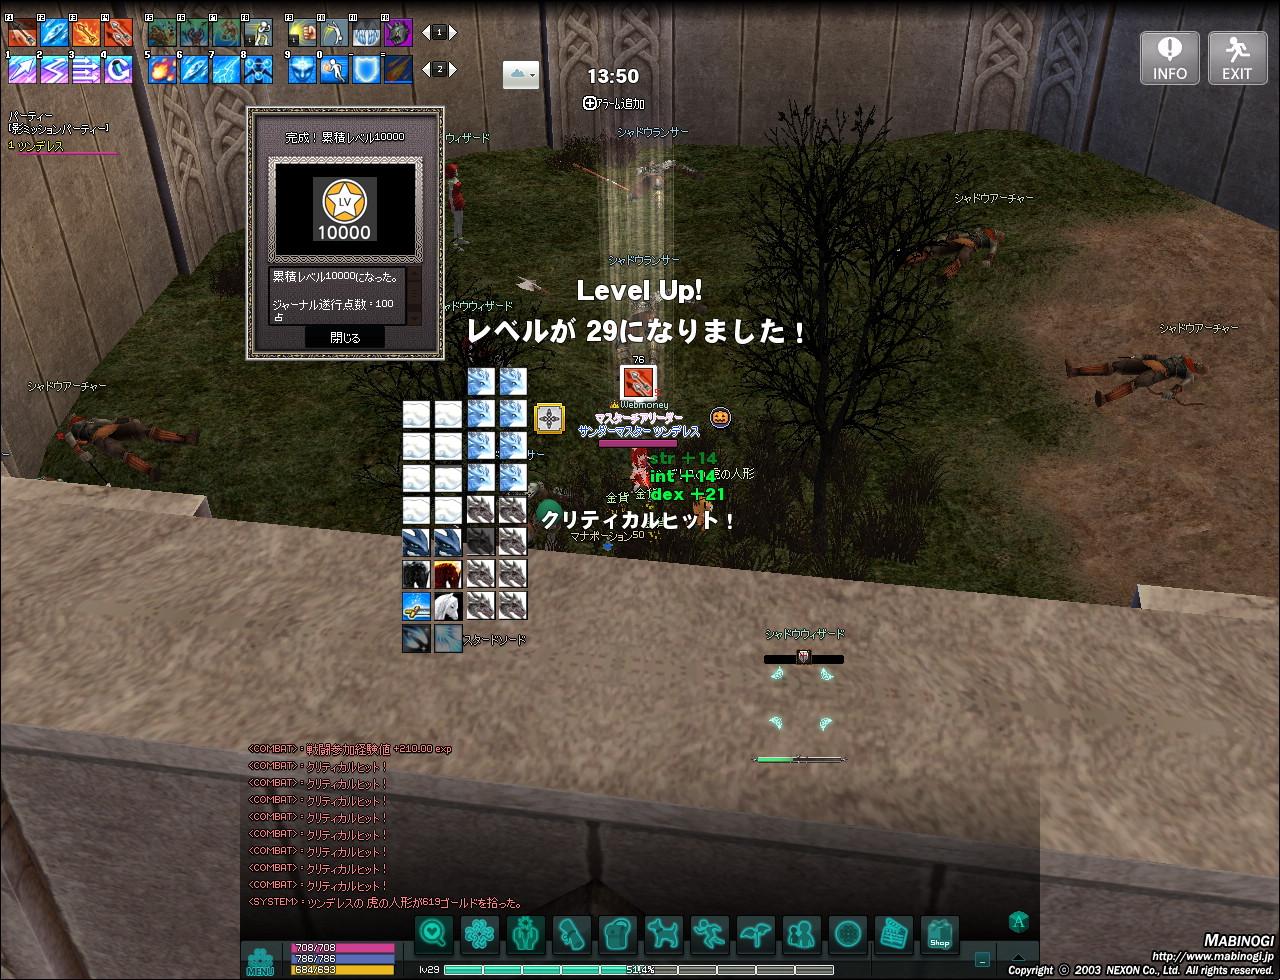 mabinogi_2013_09_23_001.jpg